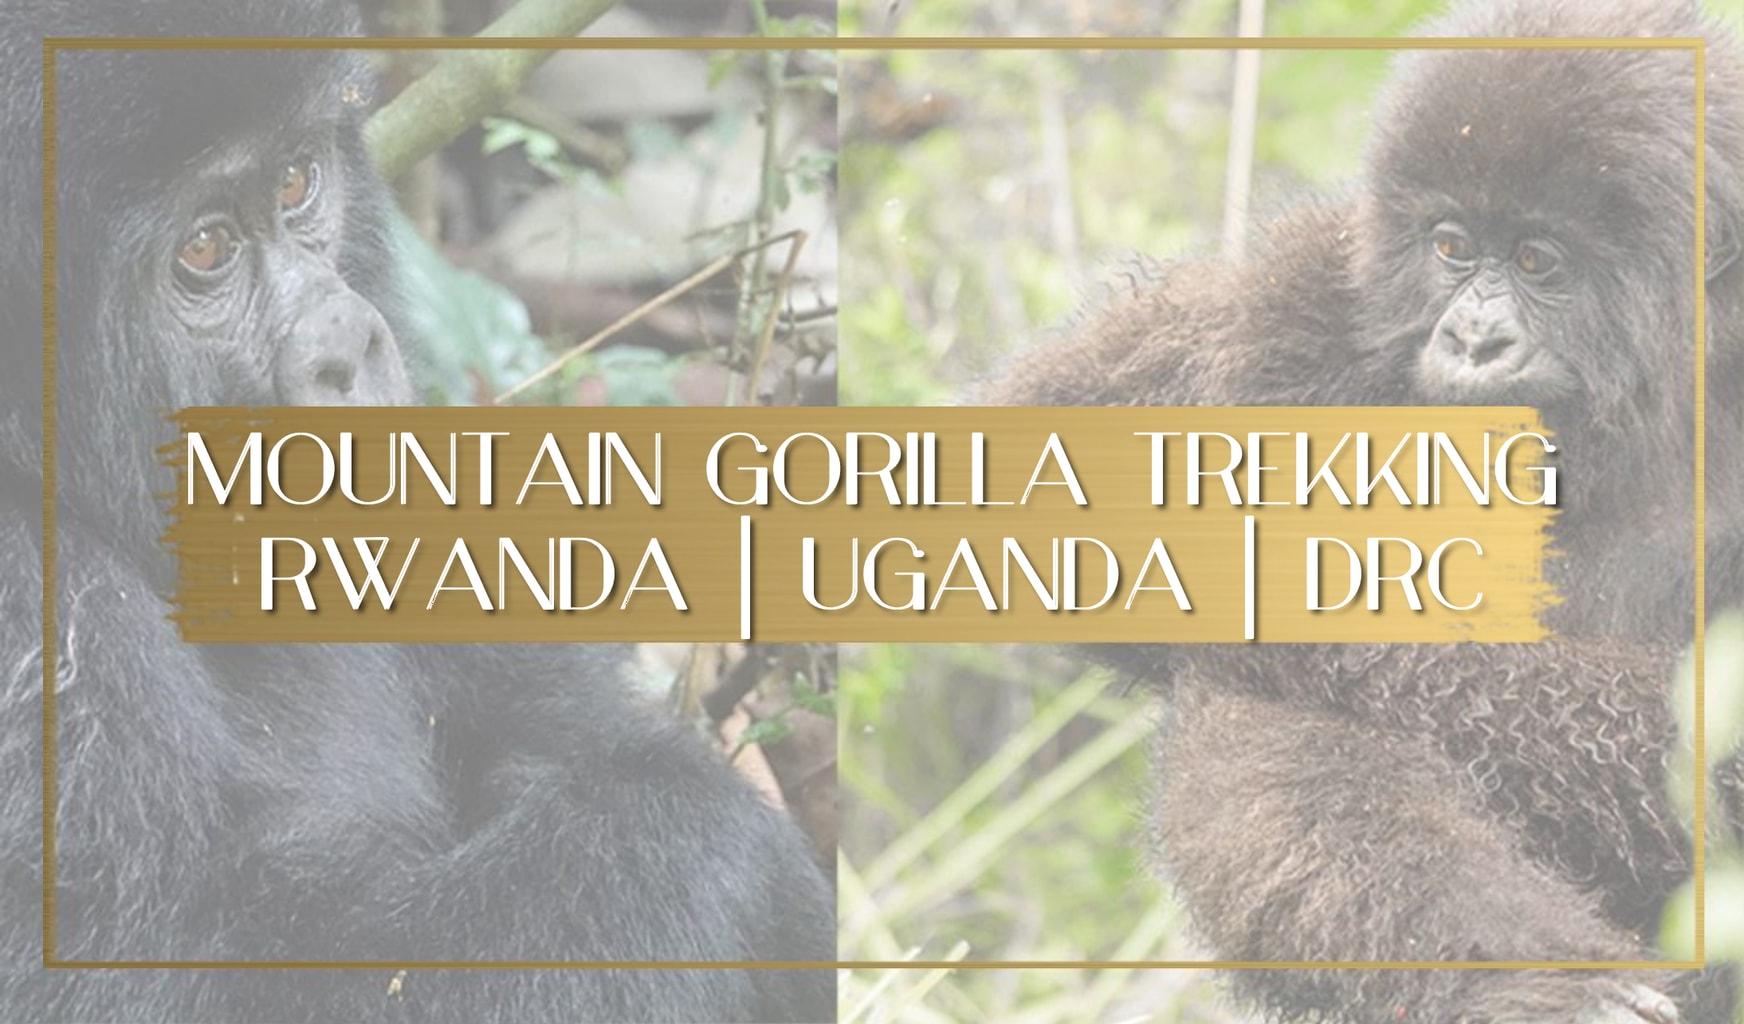 Mountain gorilla trekking main